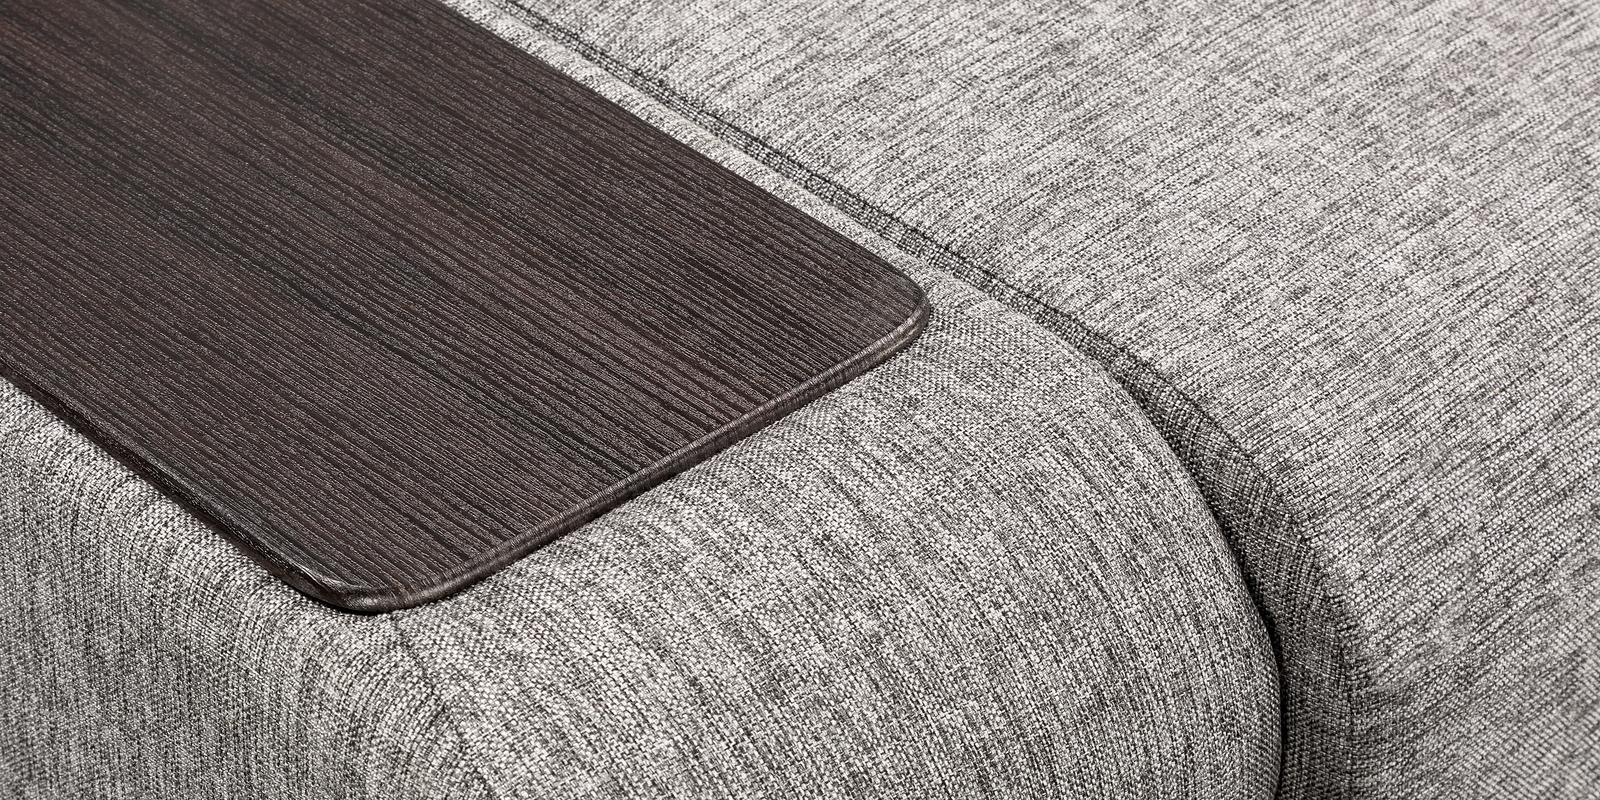 Диван тканевый угловой Нью-Йорк Madagascar серый (Рогожка)